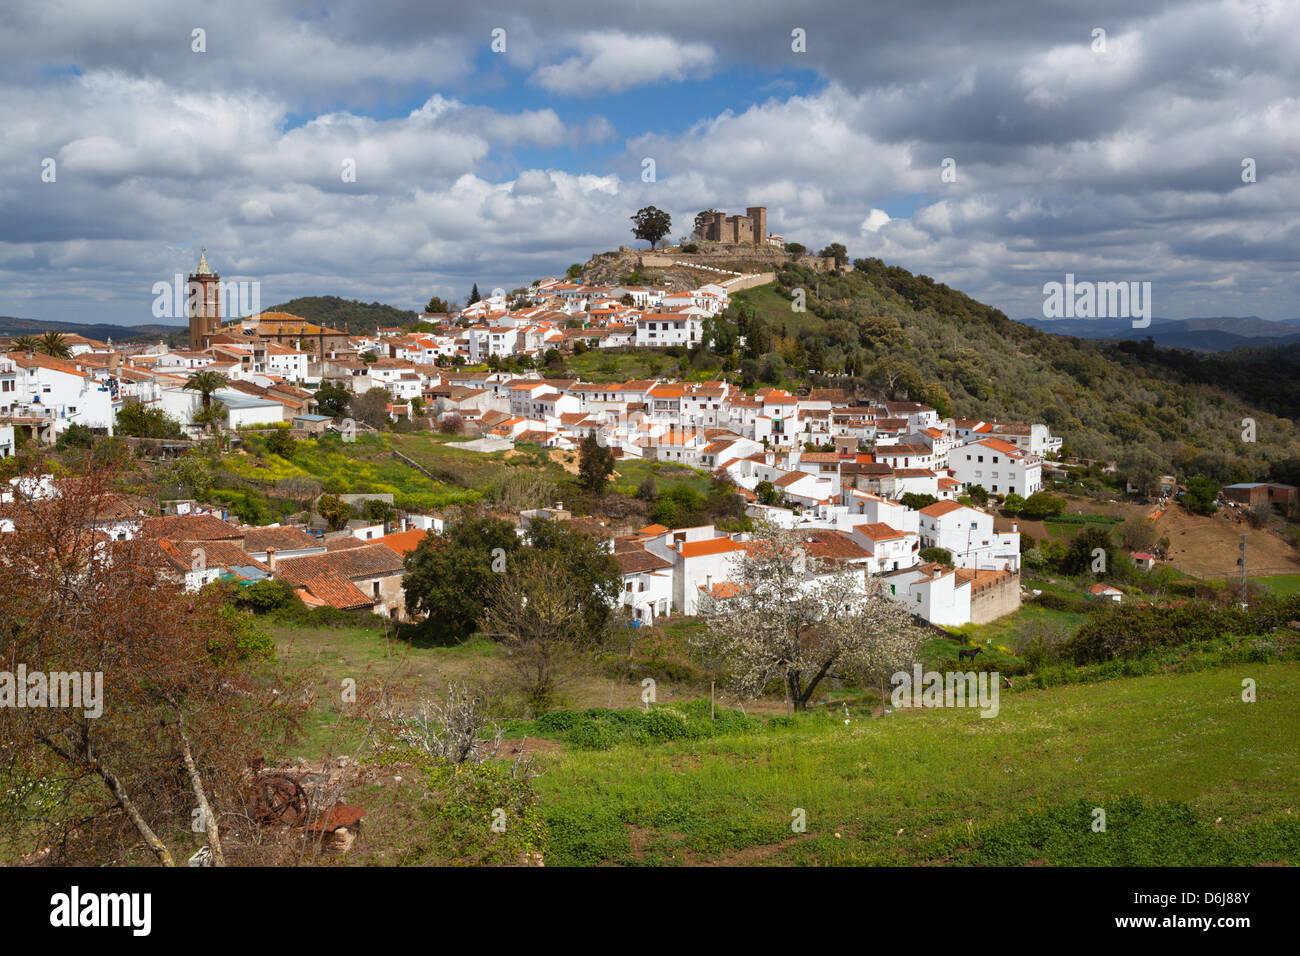 White pueblo and 13th century castillo, Cortegana, Parque Natural Sierra de Aracena y picos de Aroche, Huelva, Andalucia, - Stock Image